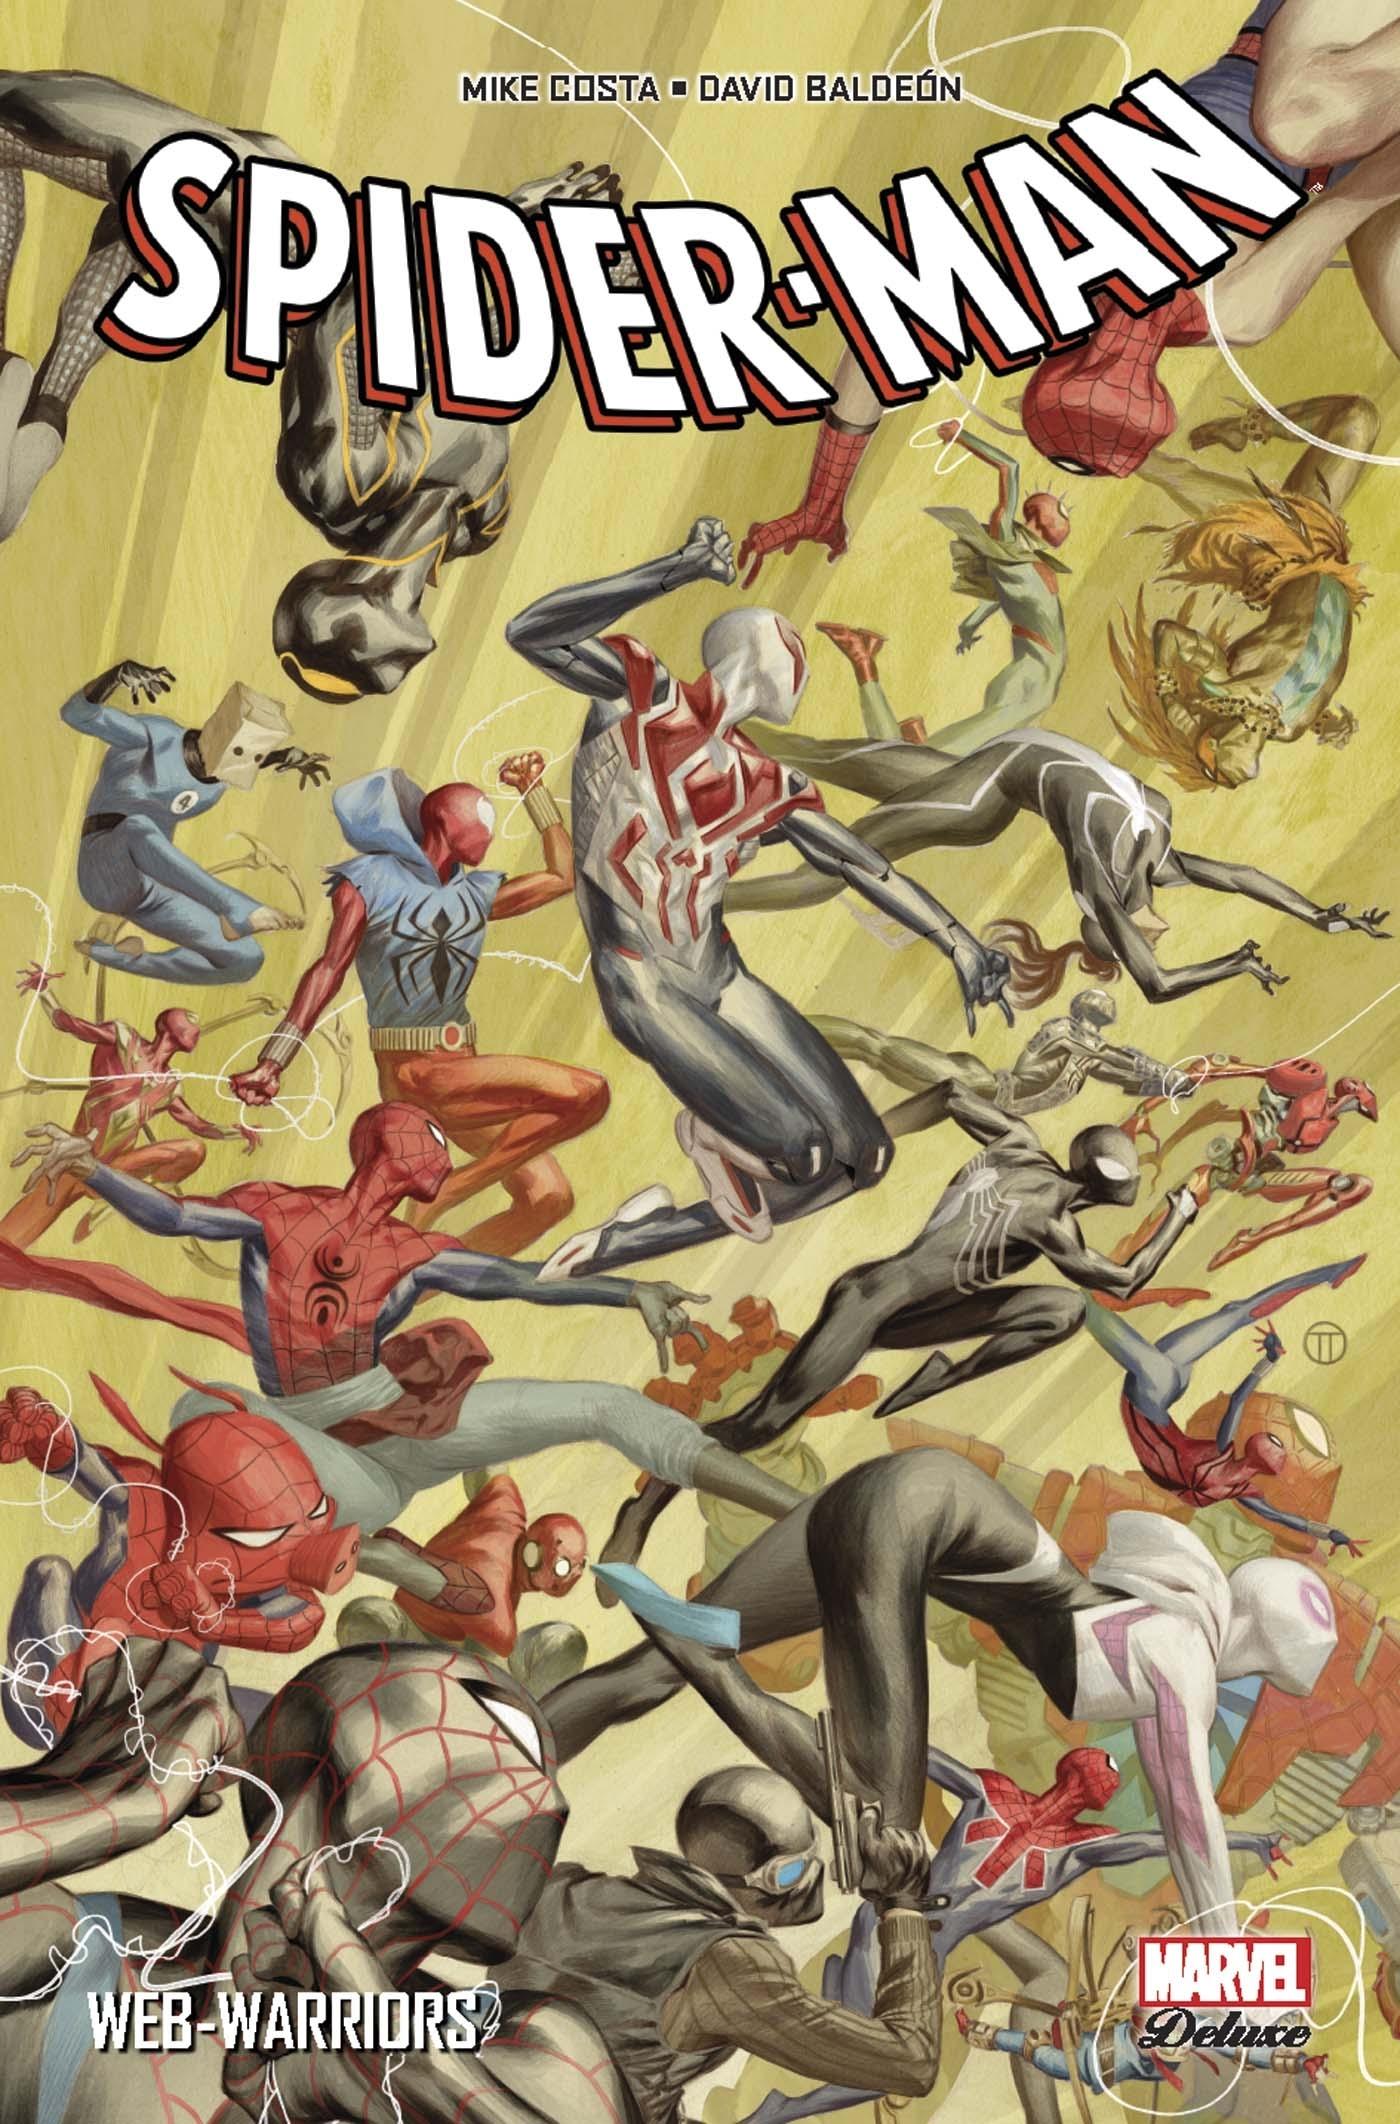 SPIDER-MAN - WEB-WARRIORS